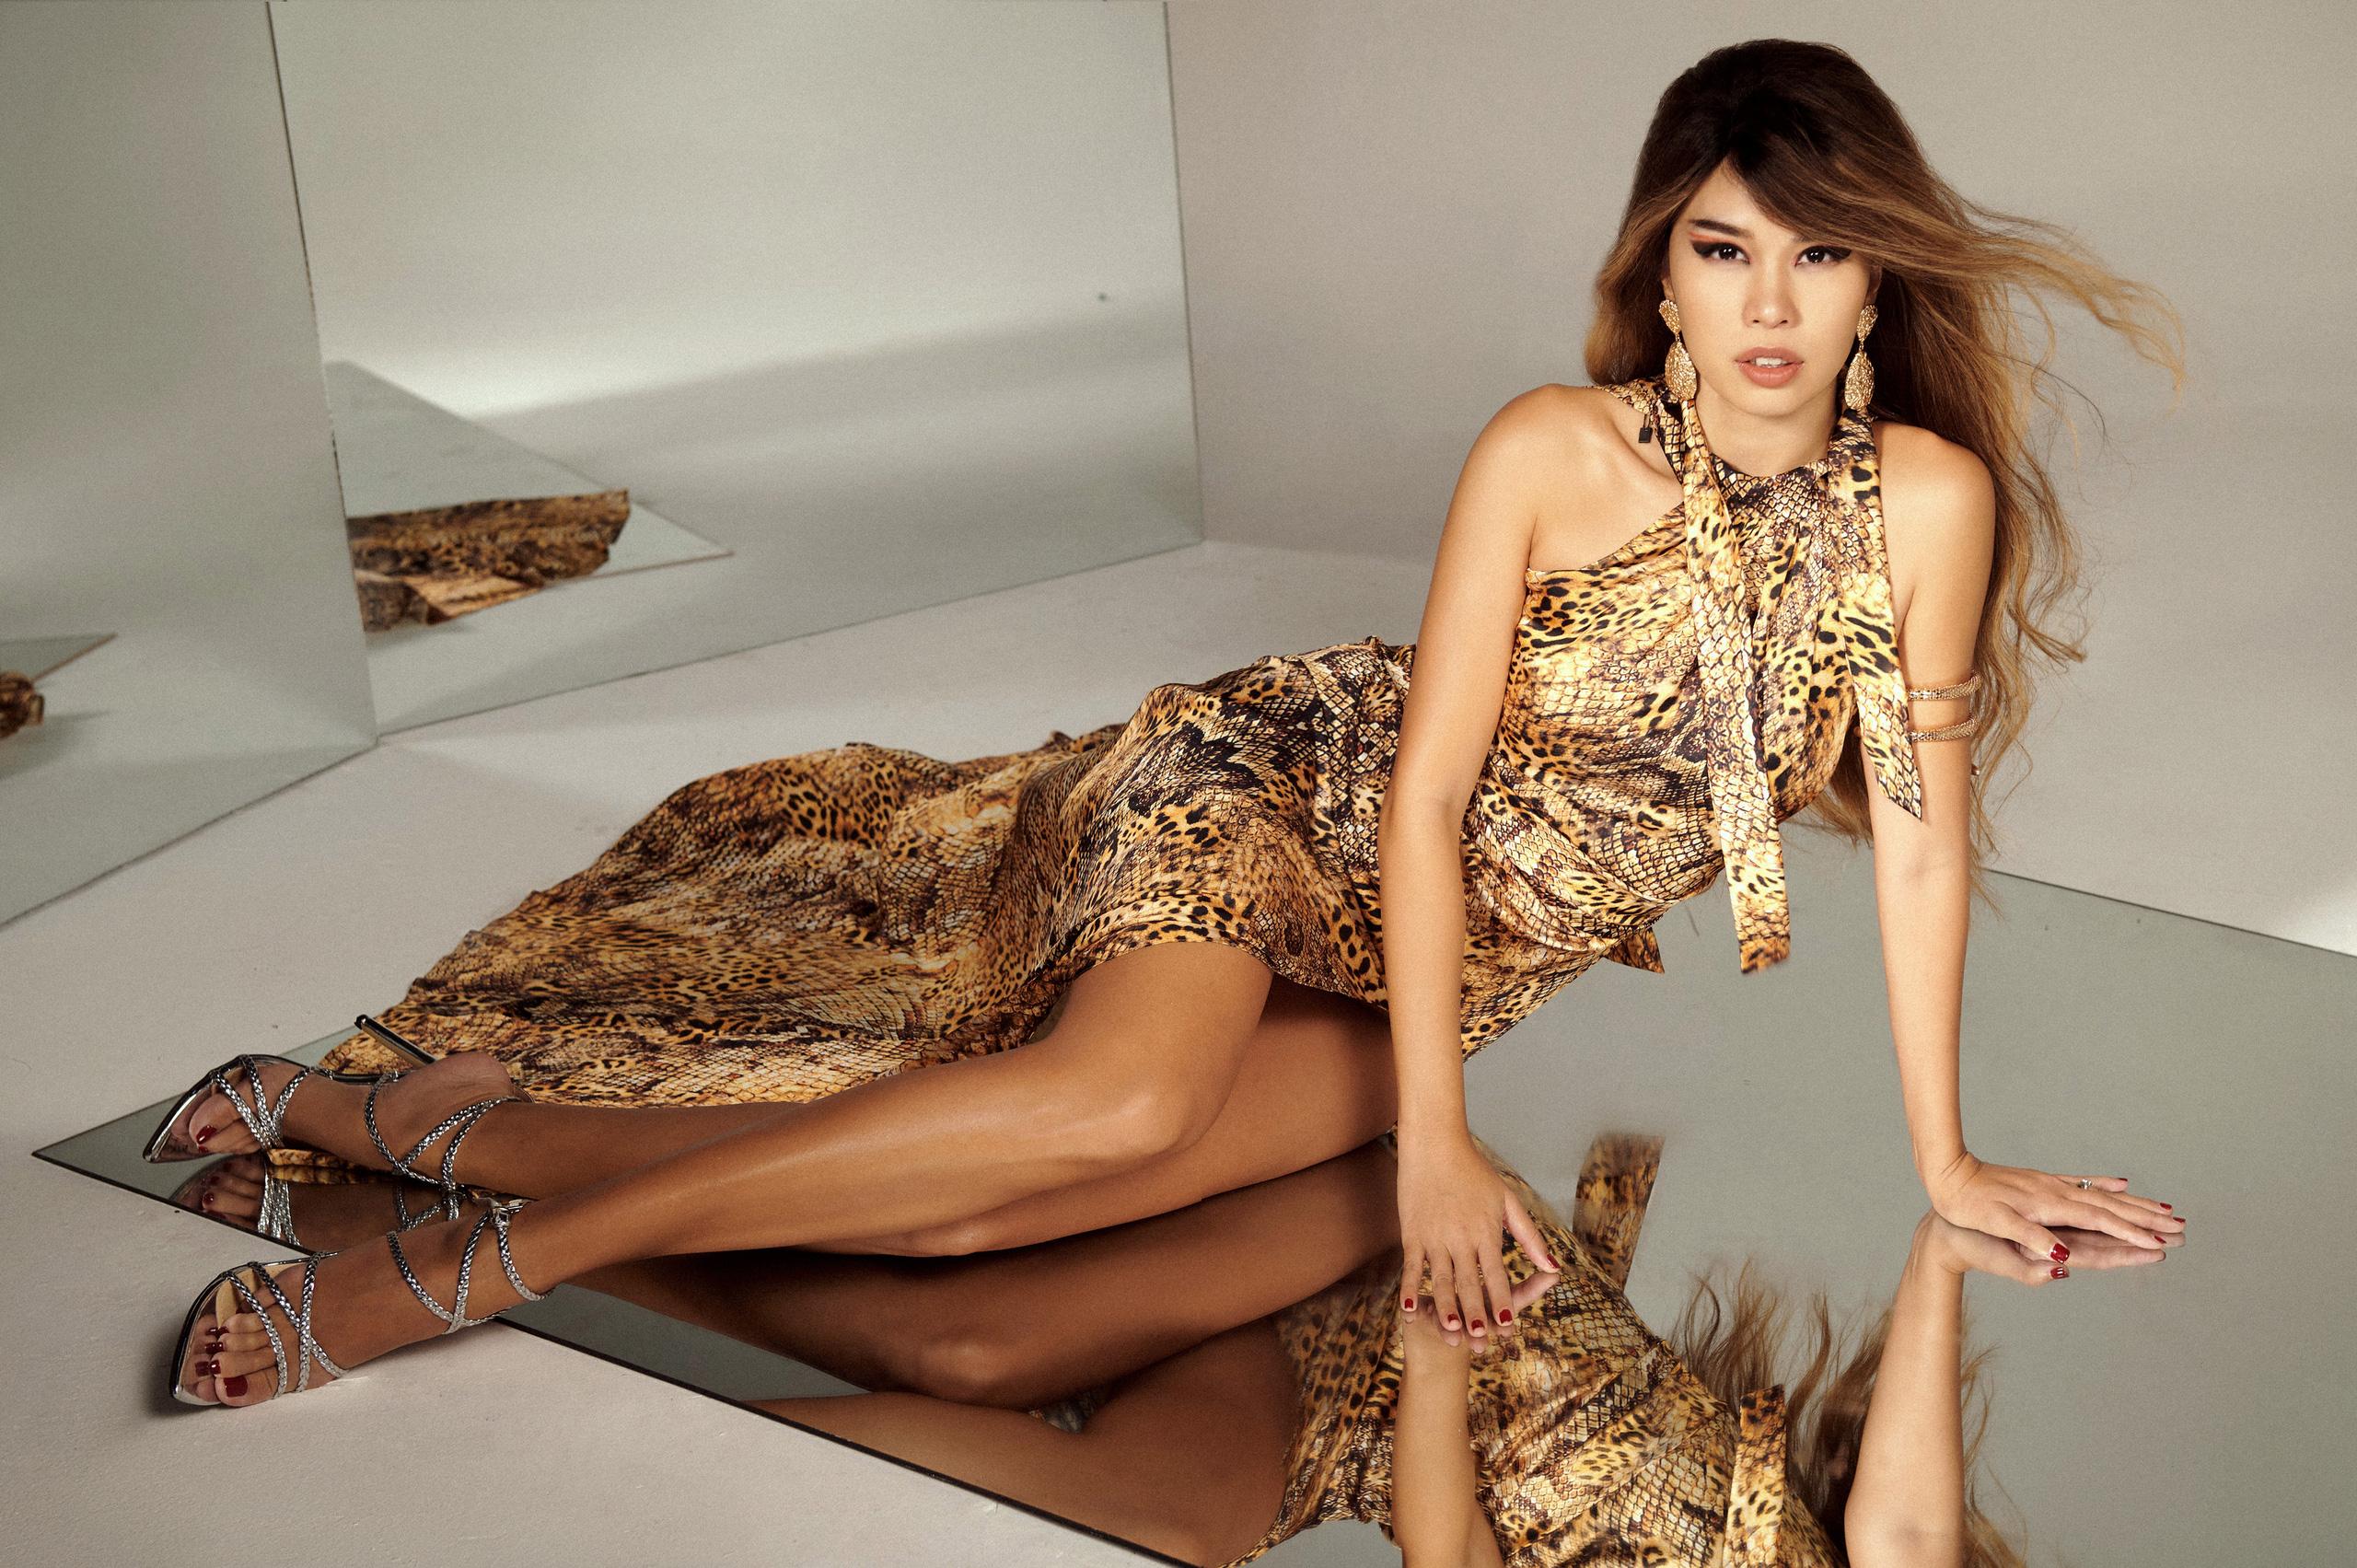 Dù đã làm vợ, làm mẹ nhưng cô vẫn khiến nhiều thế hệ model đàn em ngưỡng mộ về hình thể, phong cách trình diễn và lối sống. Đặc biệt, trong bộ ảnh thời trang mới, một lần nữa Hà Anh khẳng định vị trí 'không thể thay thế' của mình với loạt trang phục hở đến 'thót tim' của NTK Katy Nguyễn.